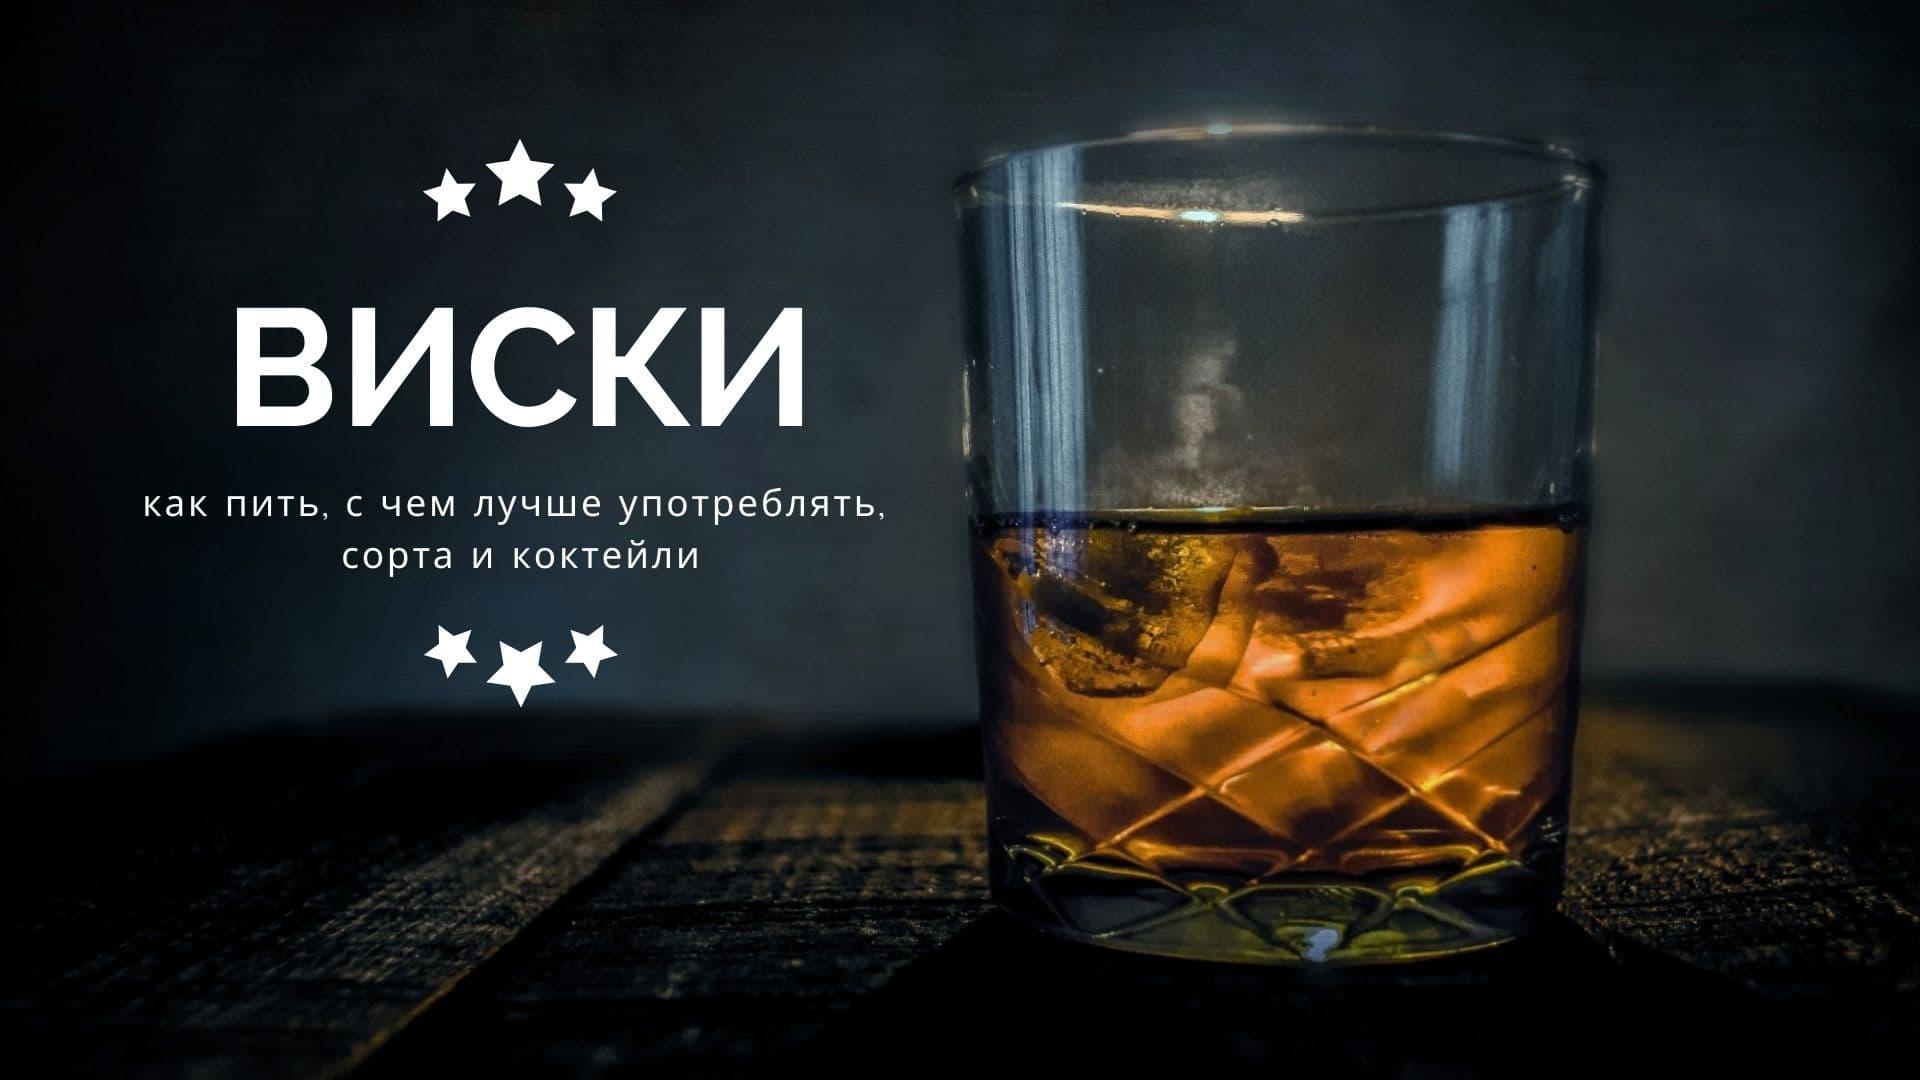 Виски: как пить, с чем лучше употреблять, сорта и коктейли